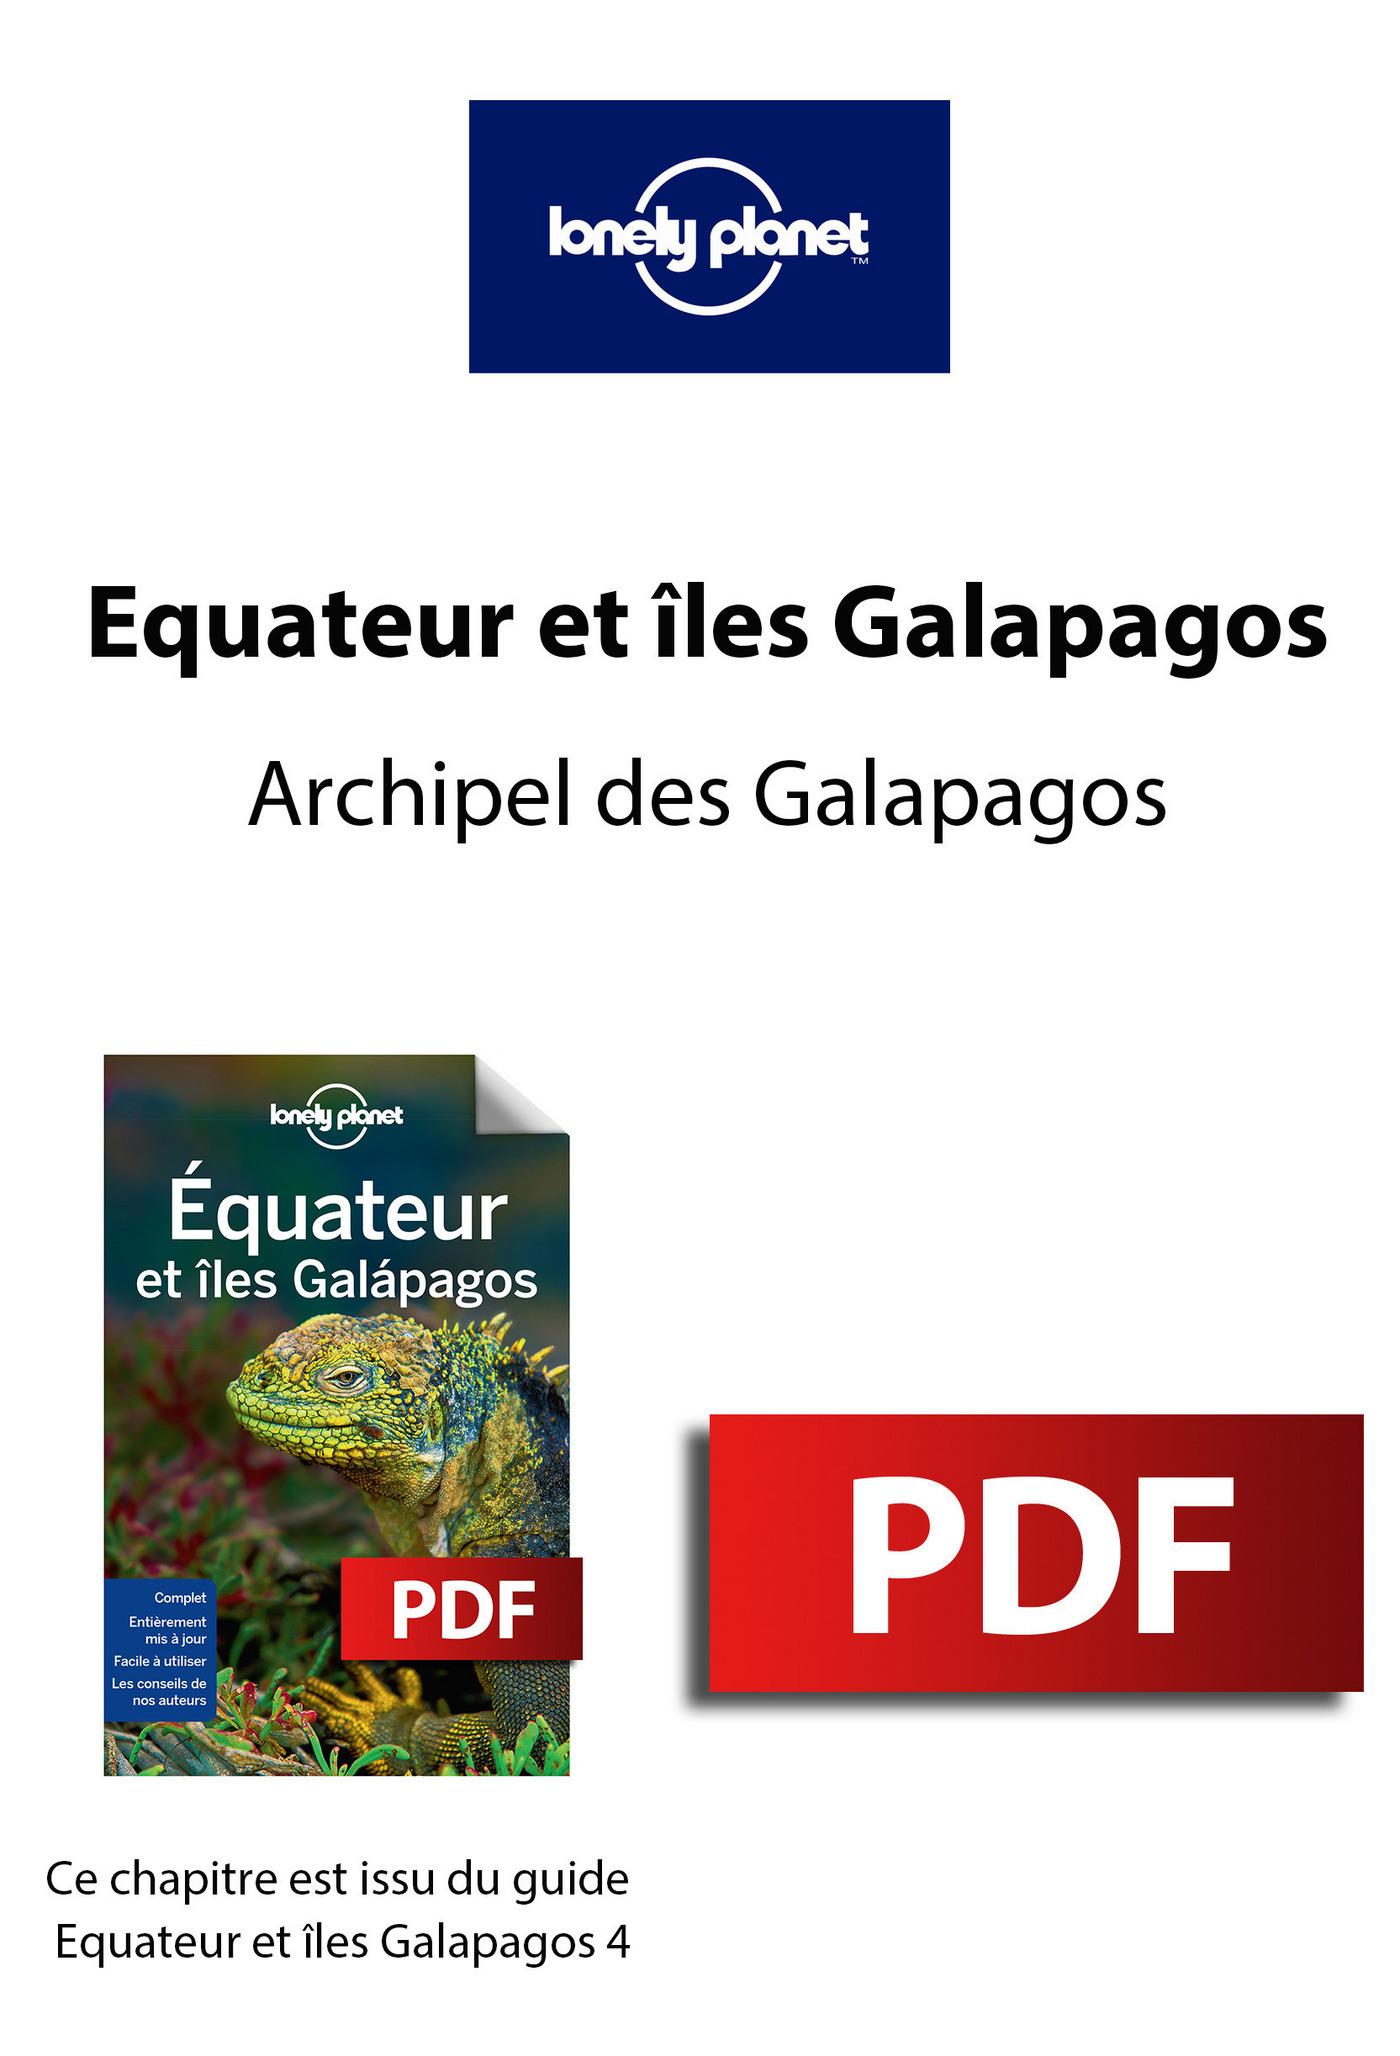 Equateur et Galapagos 4 - Archipel des Galapagos